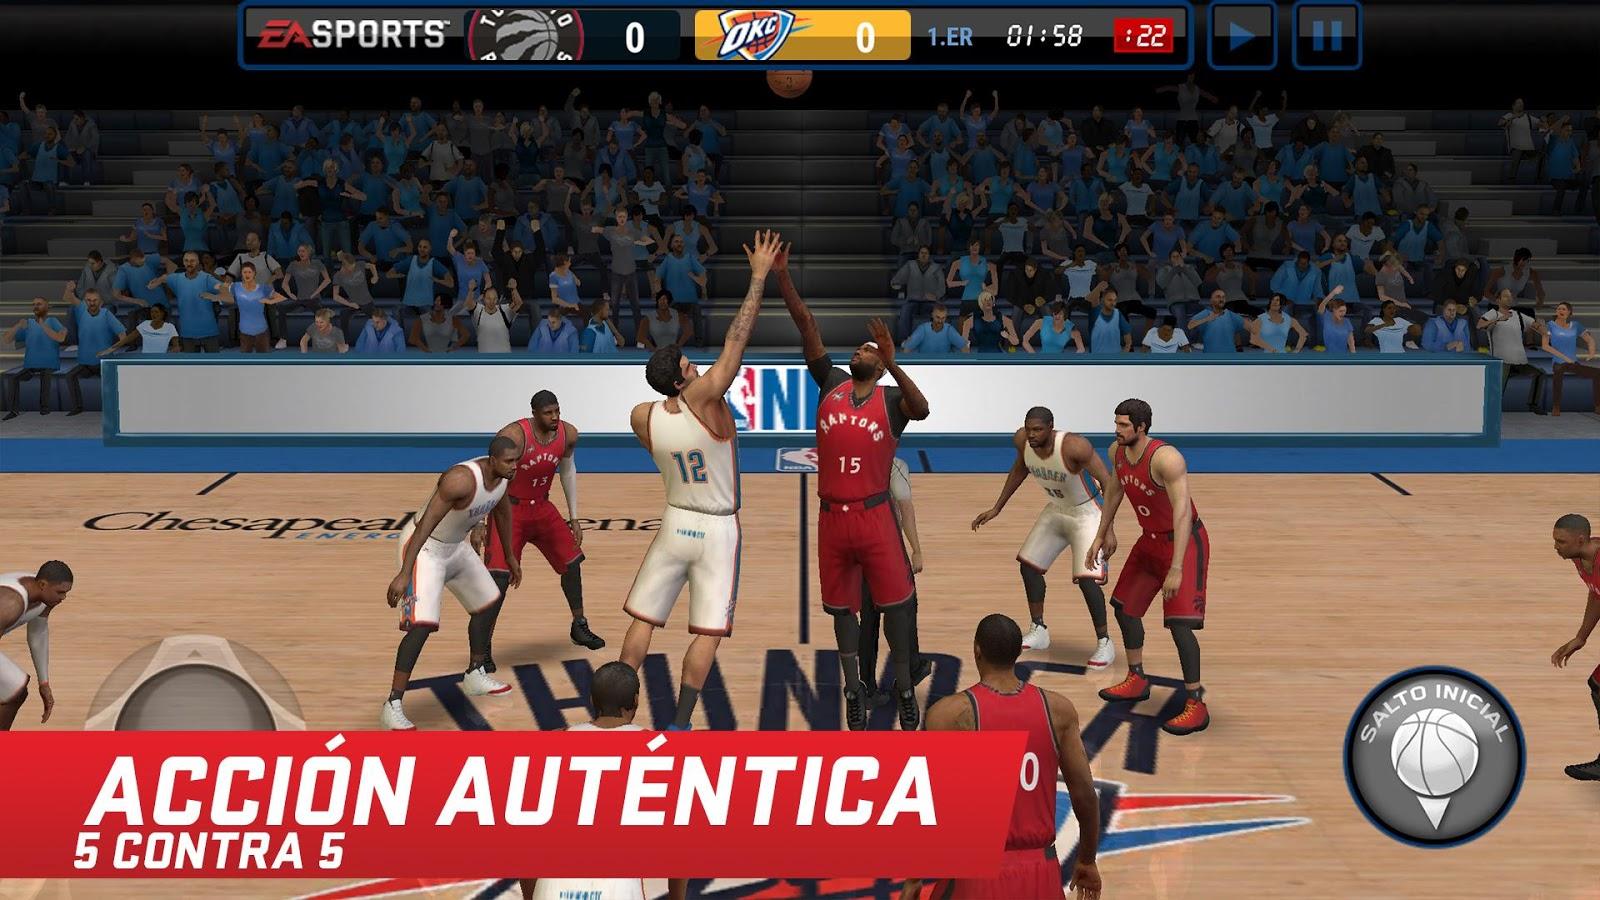 Descargar NBA Live Mobile Gratis para Android e IOS